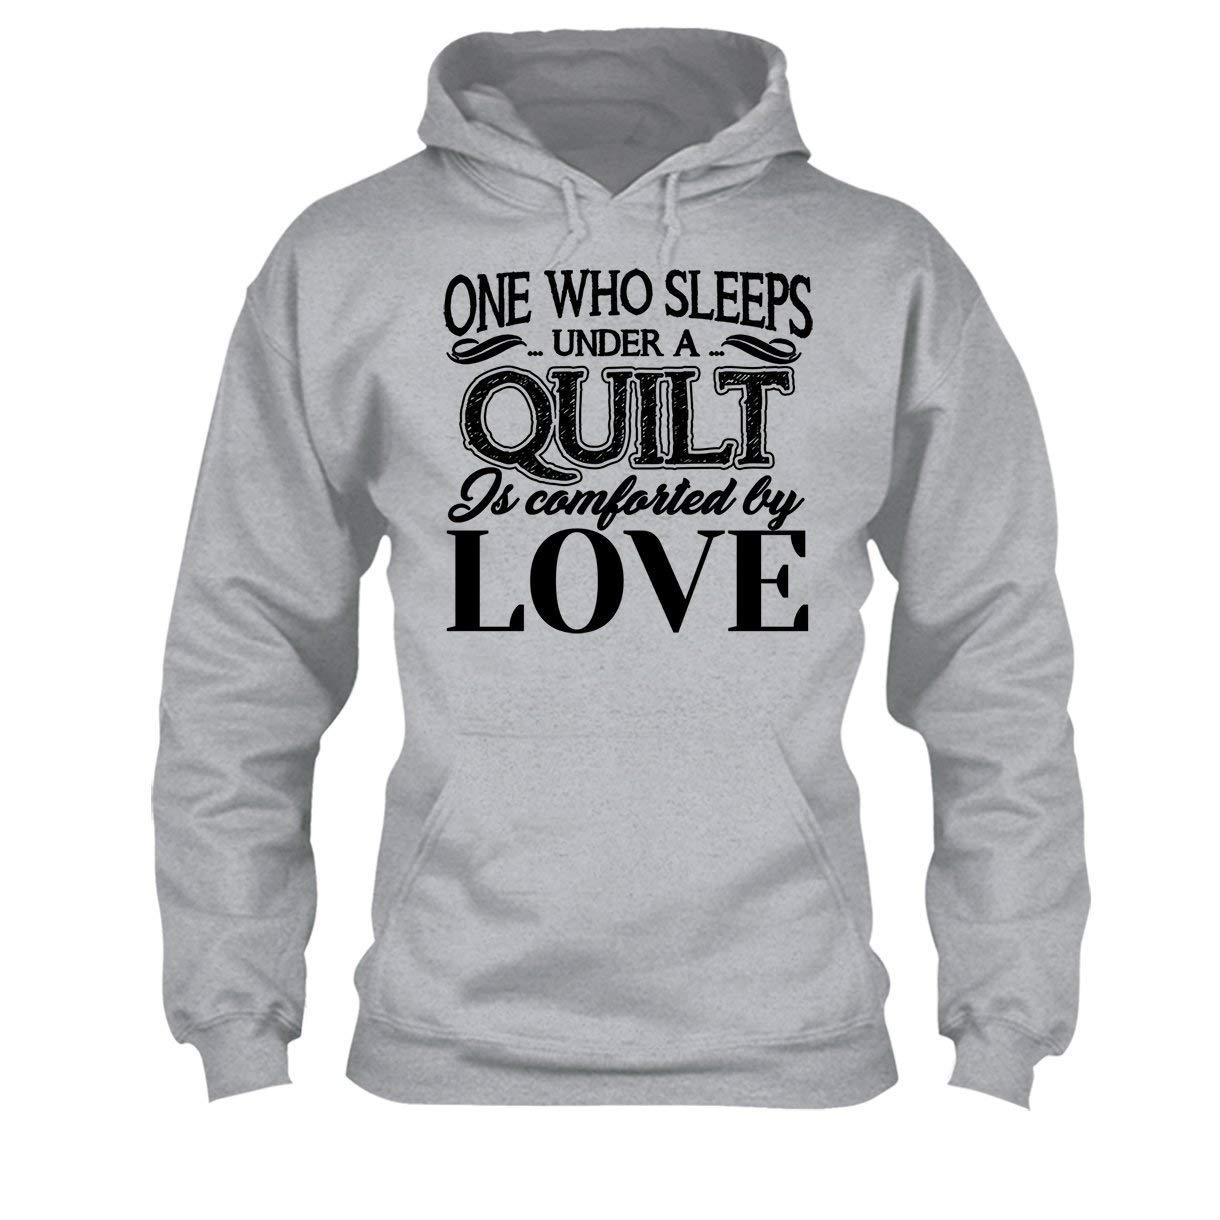 Love Quilt Tee Shirt Hoodies Shirt